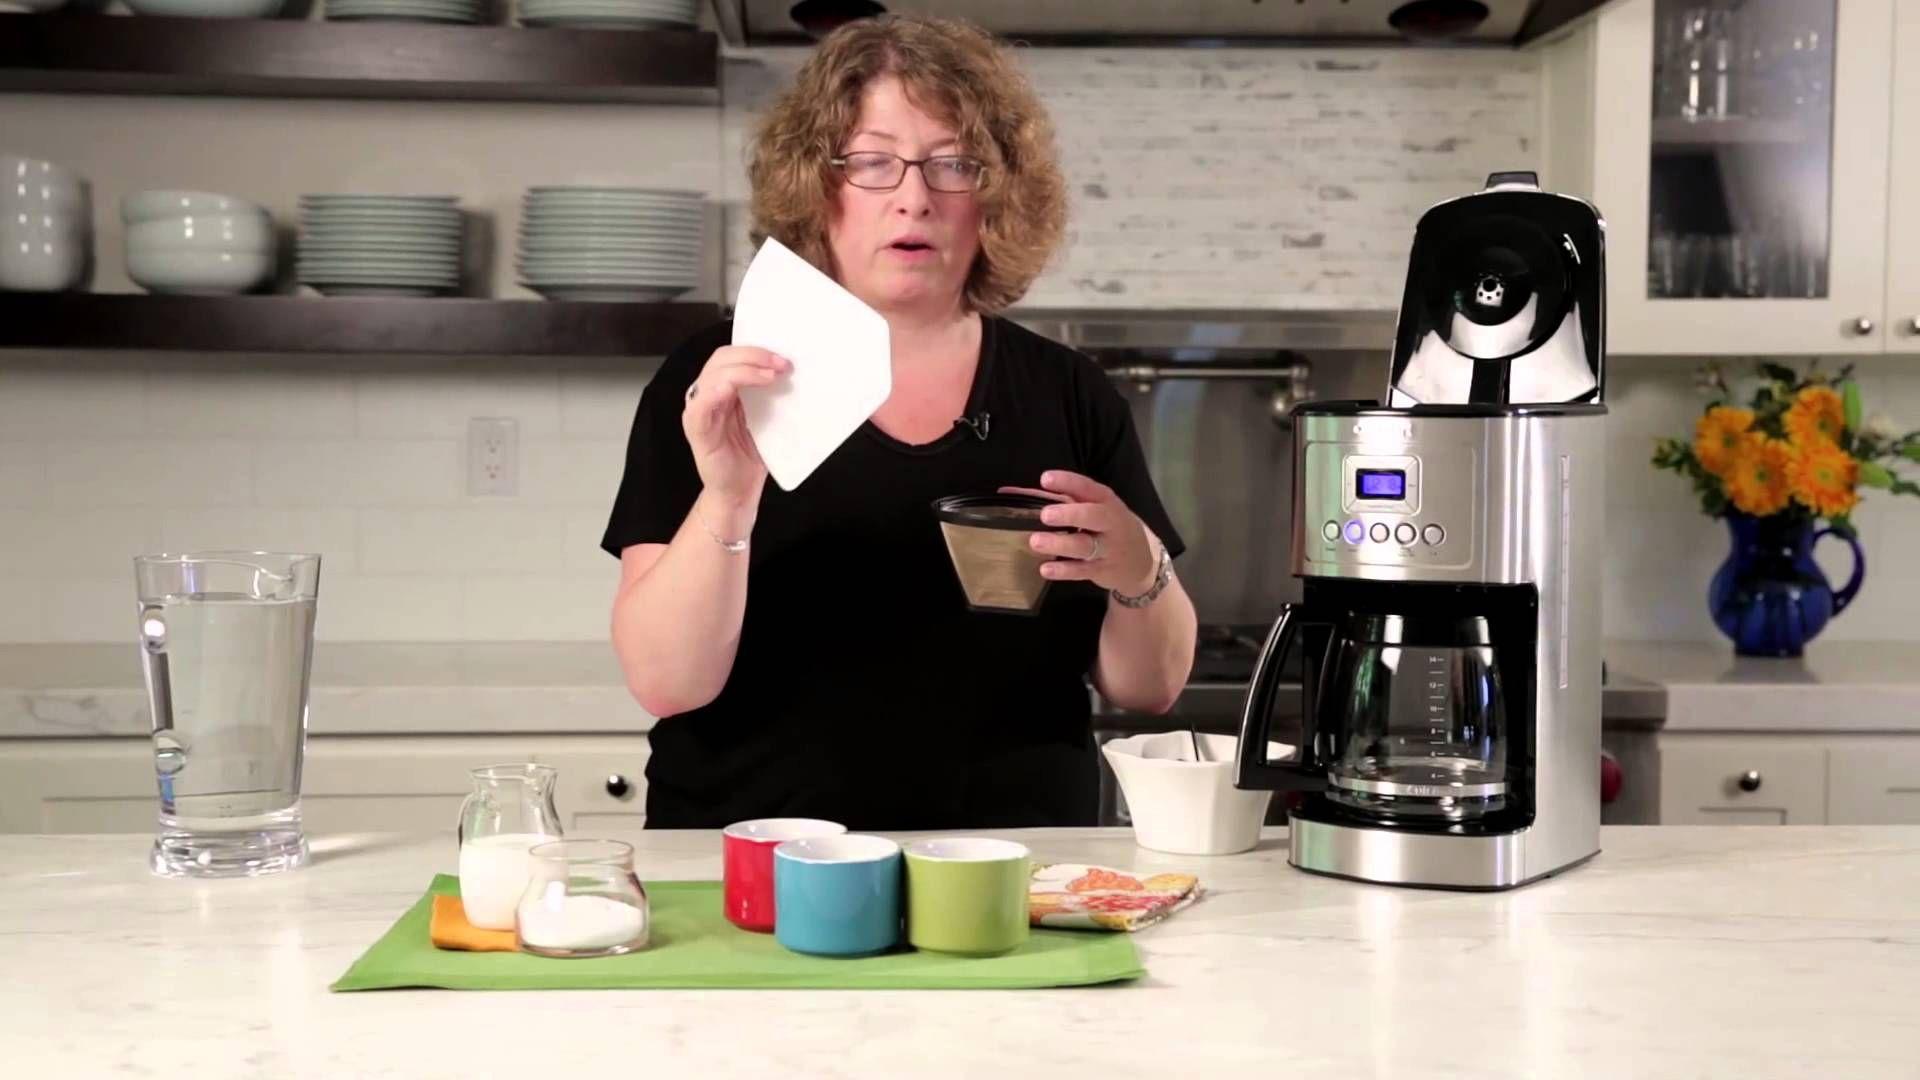 cuisinart perfectemp 14-cup coffee maker manual